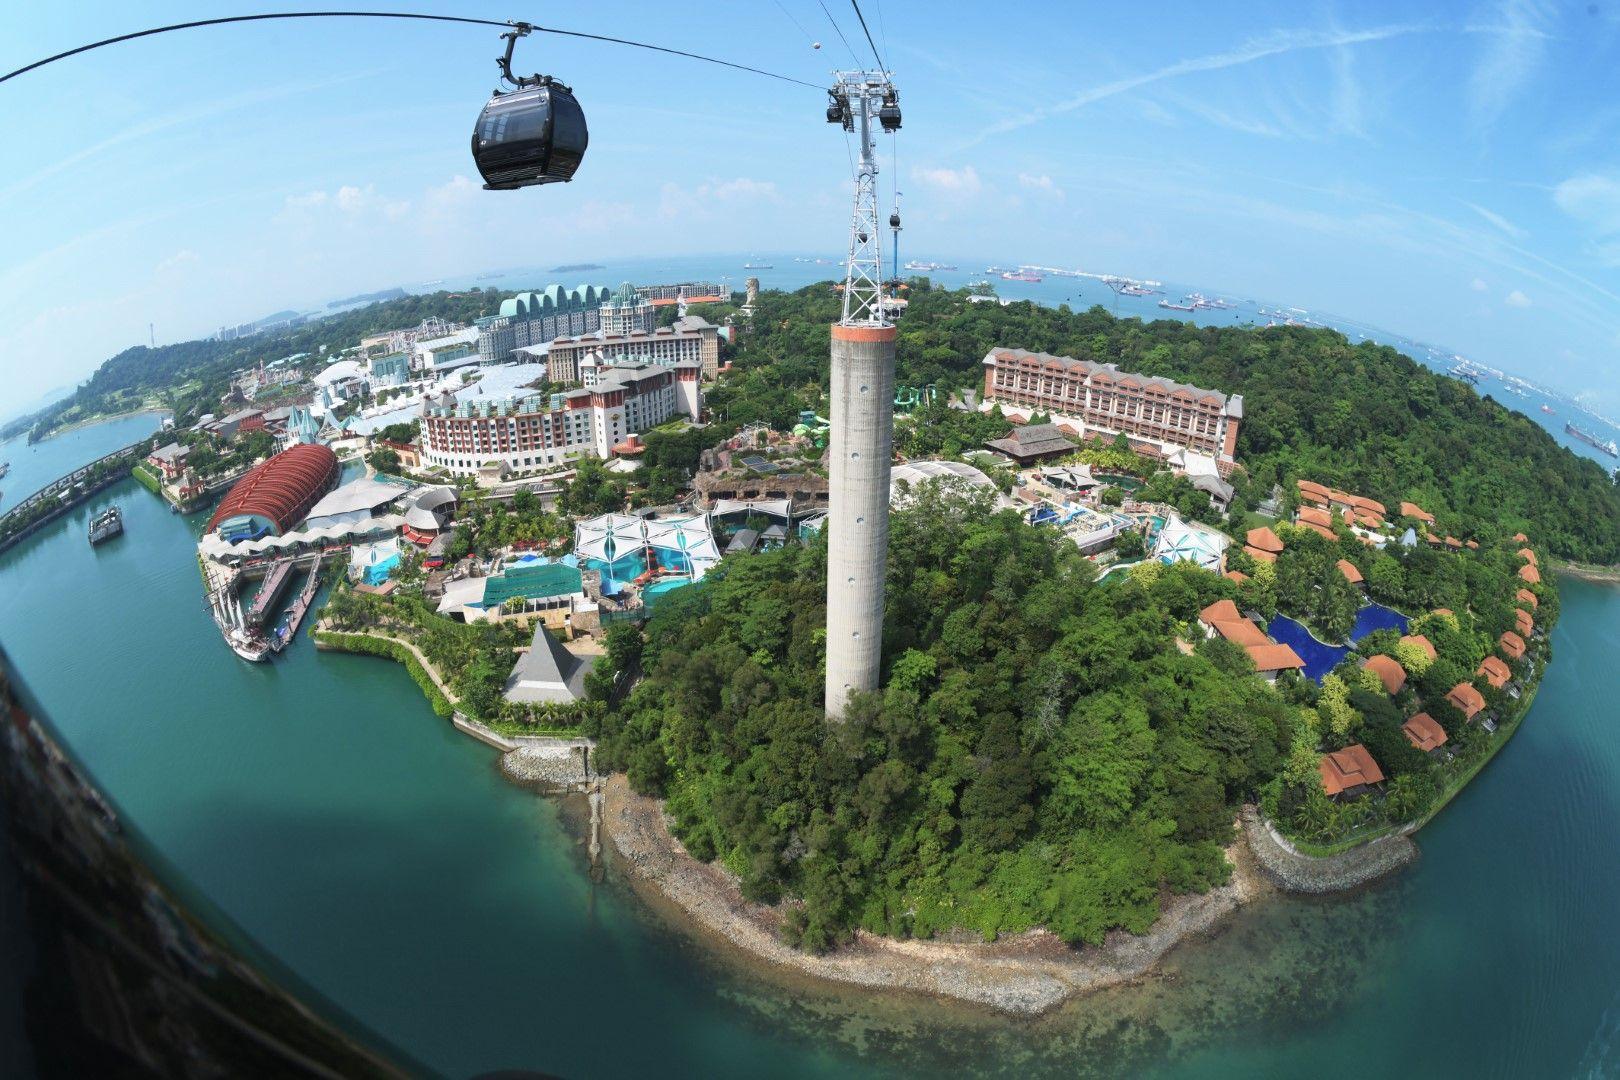 Хотелът може да се разгледа от платформа издигната на височина от 130 метра